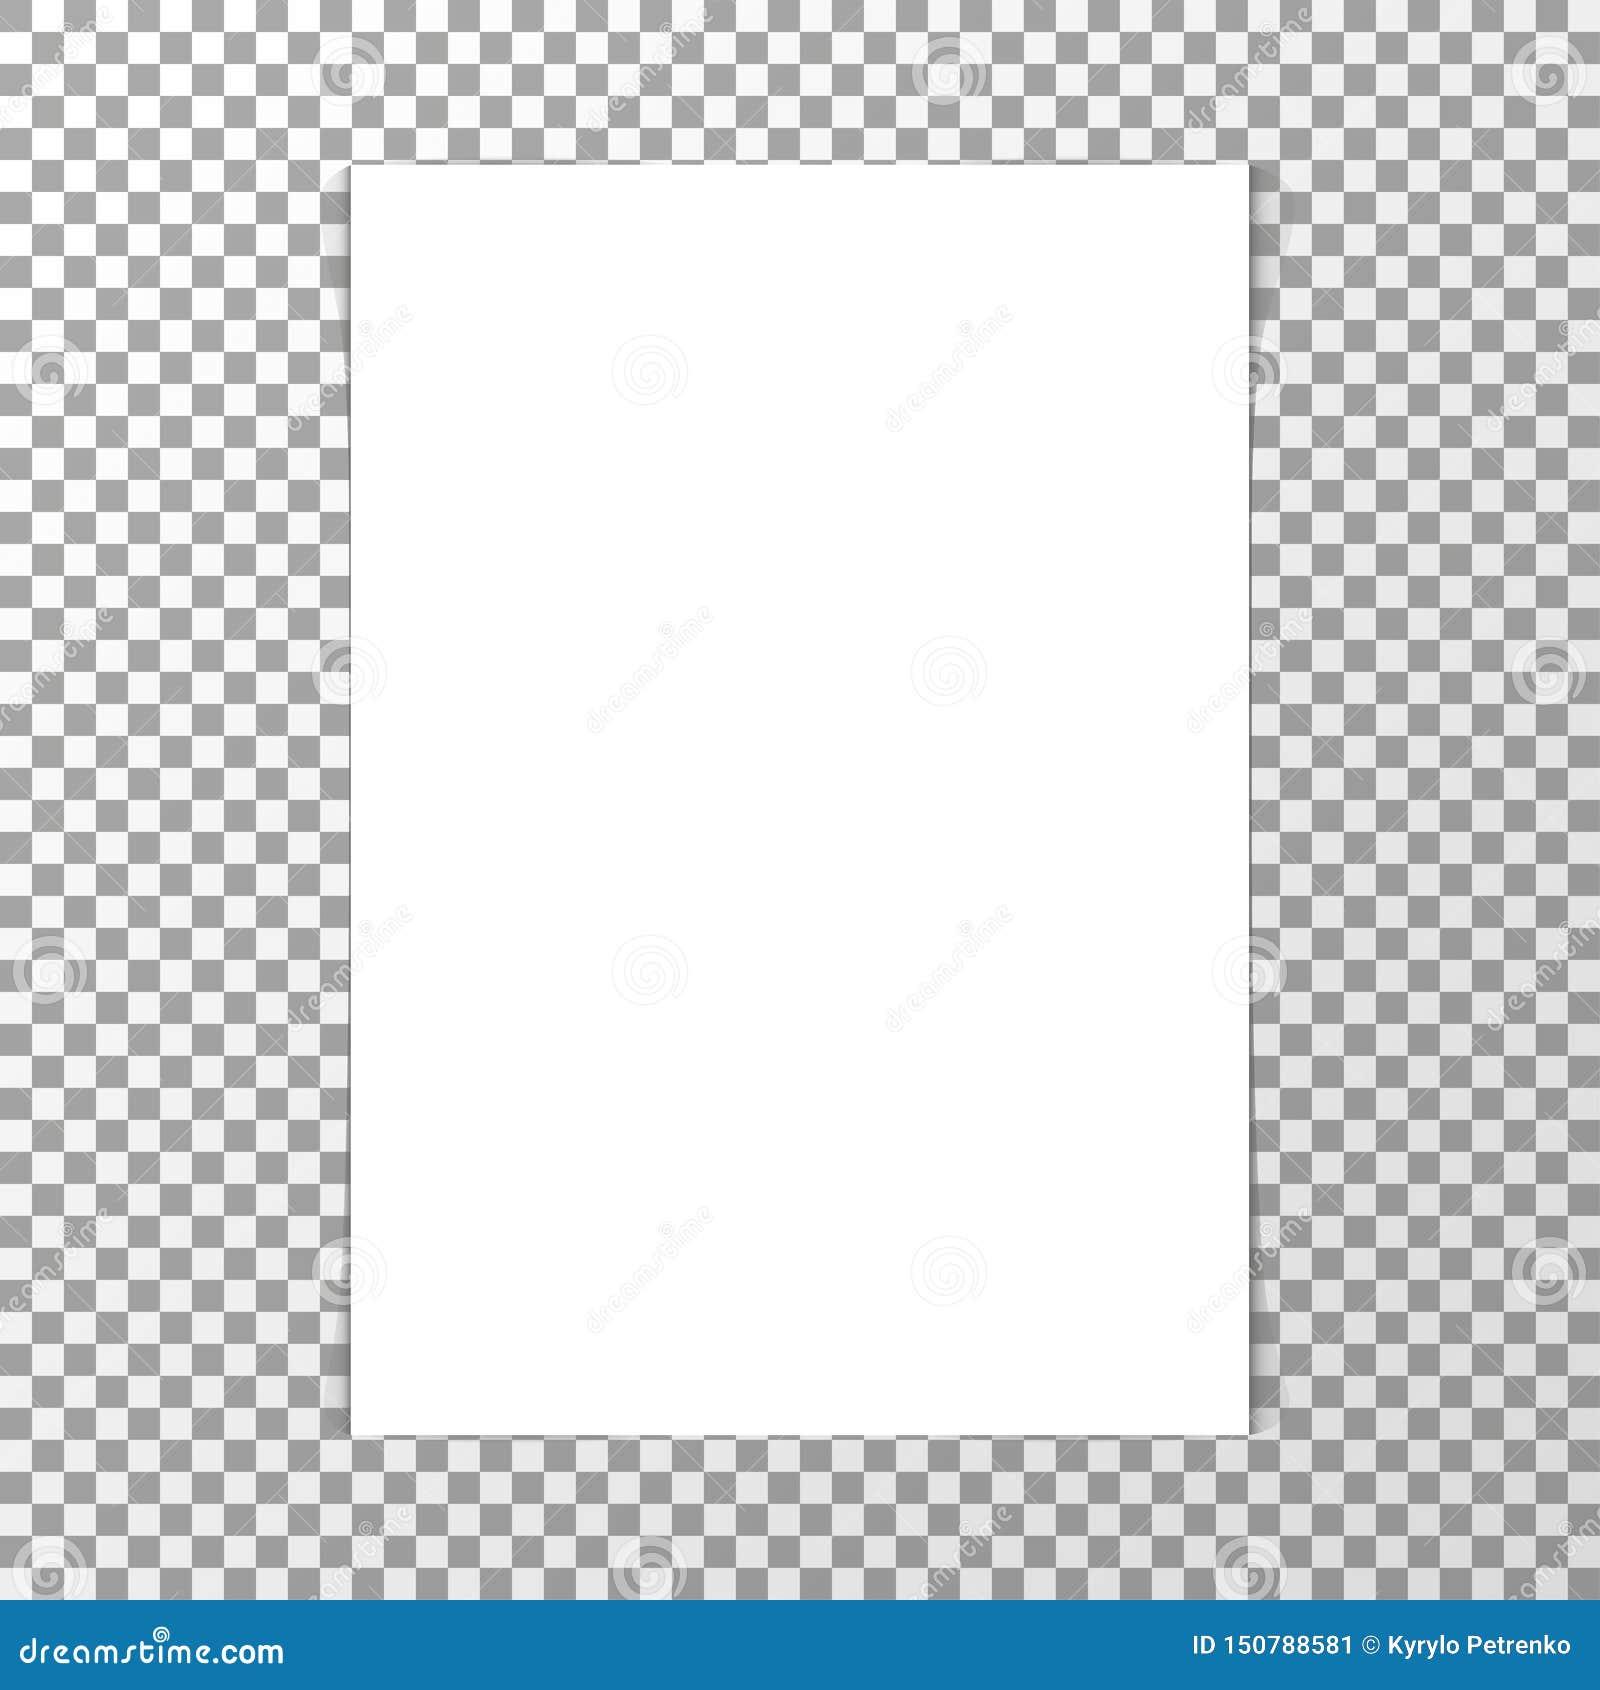 Maqueta blanca realista de la hoja de papel del espacio en blanco